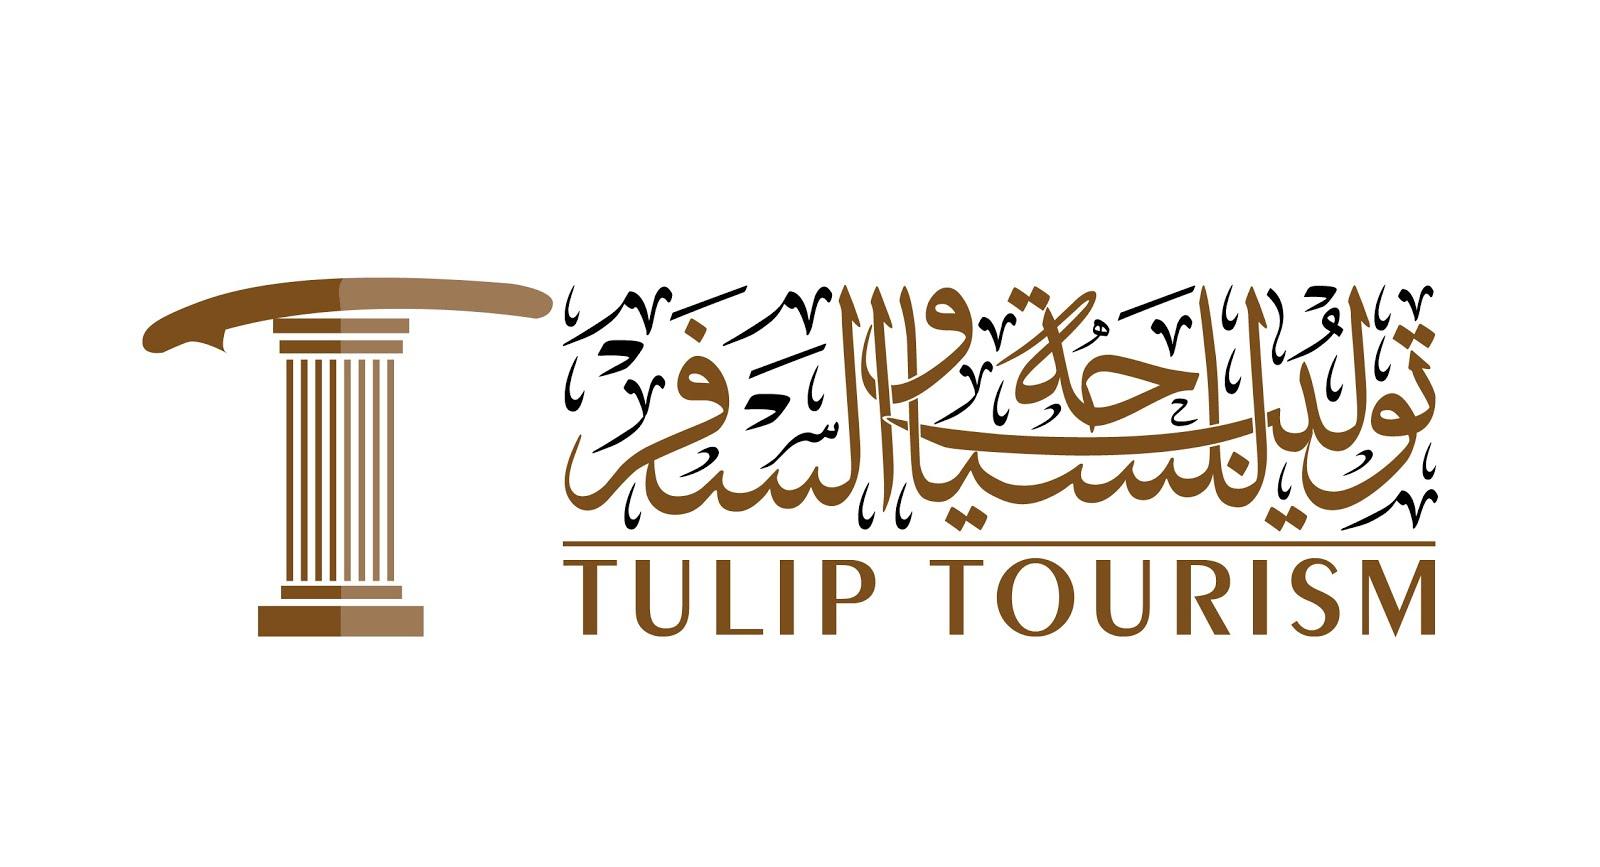 موقع شركة توليب للسياحة والسفر على الإنترنت